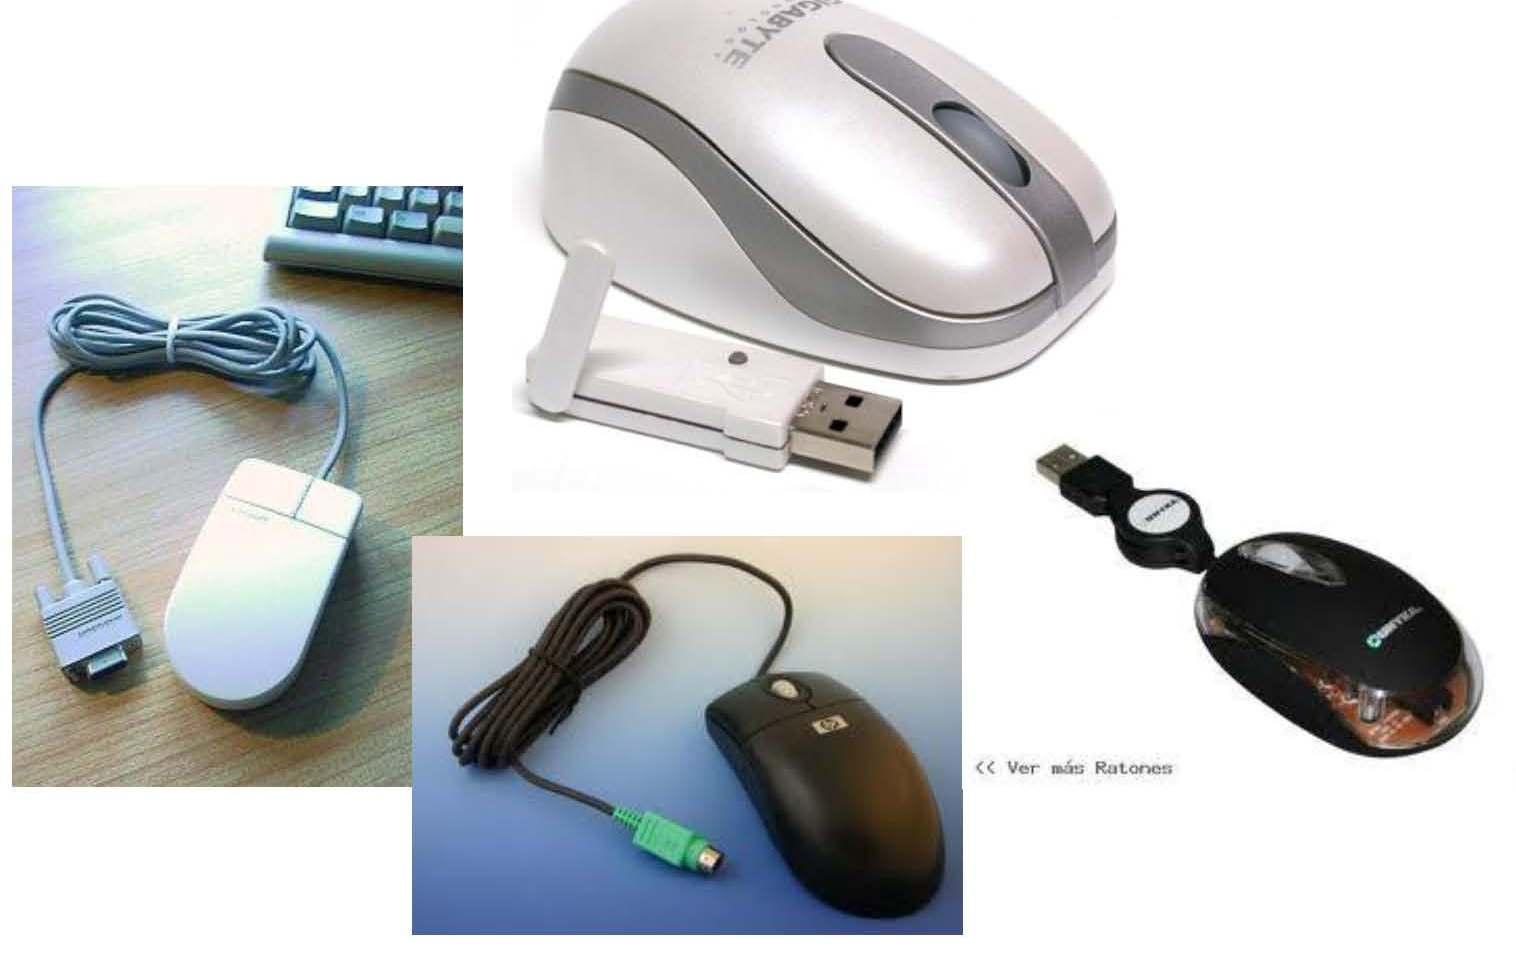 secara fisik mouse terbagi menjadi 4 :